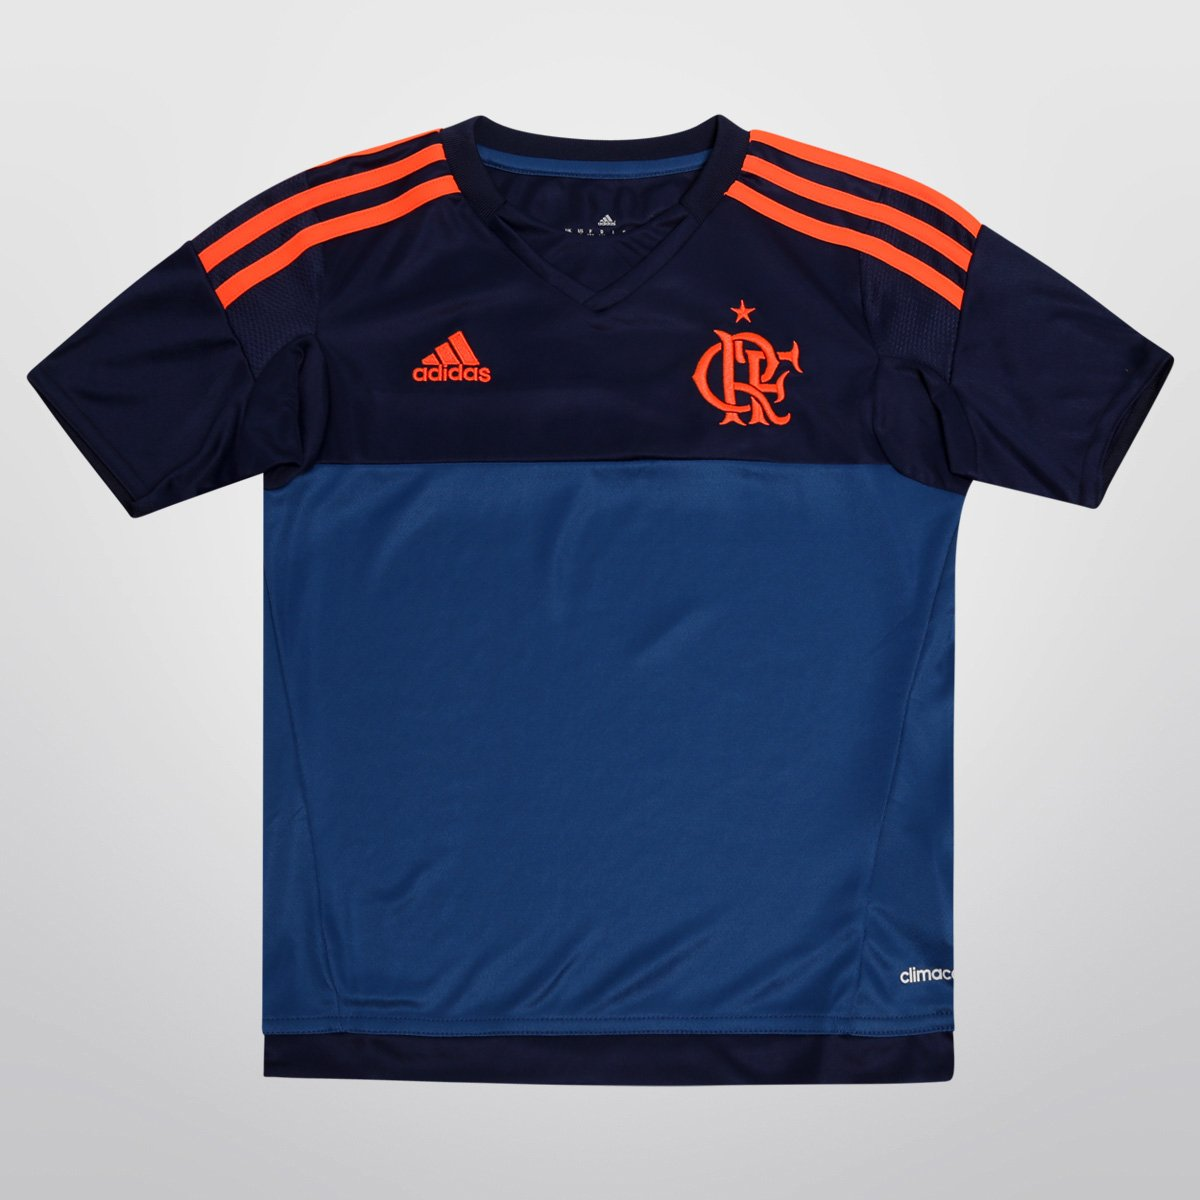 10e7f265a6 Camisa Flamengo Infantil Goleiro 2015 s nº Torcedor Adidas - Compre Agora